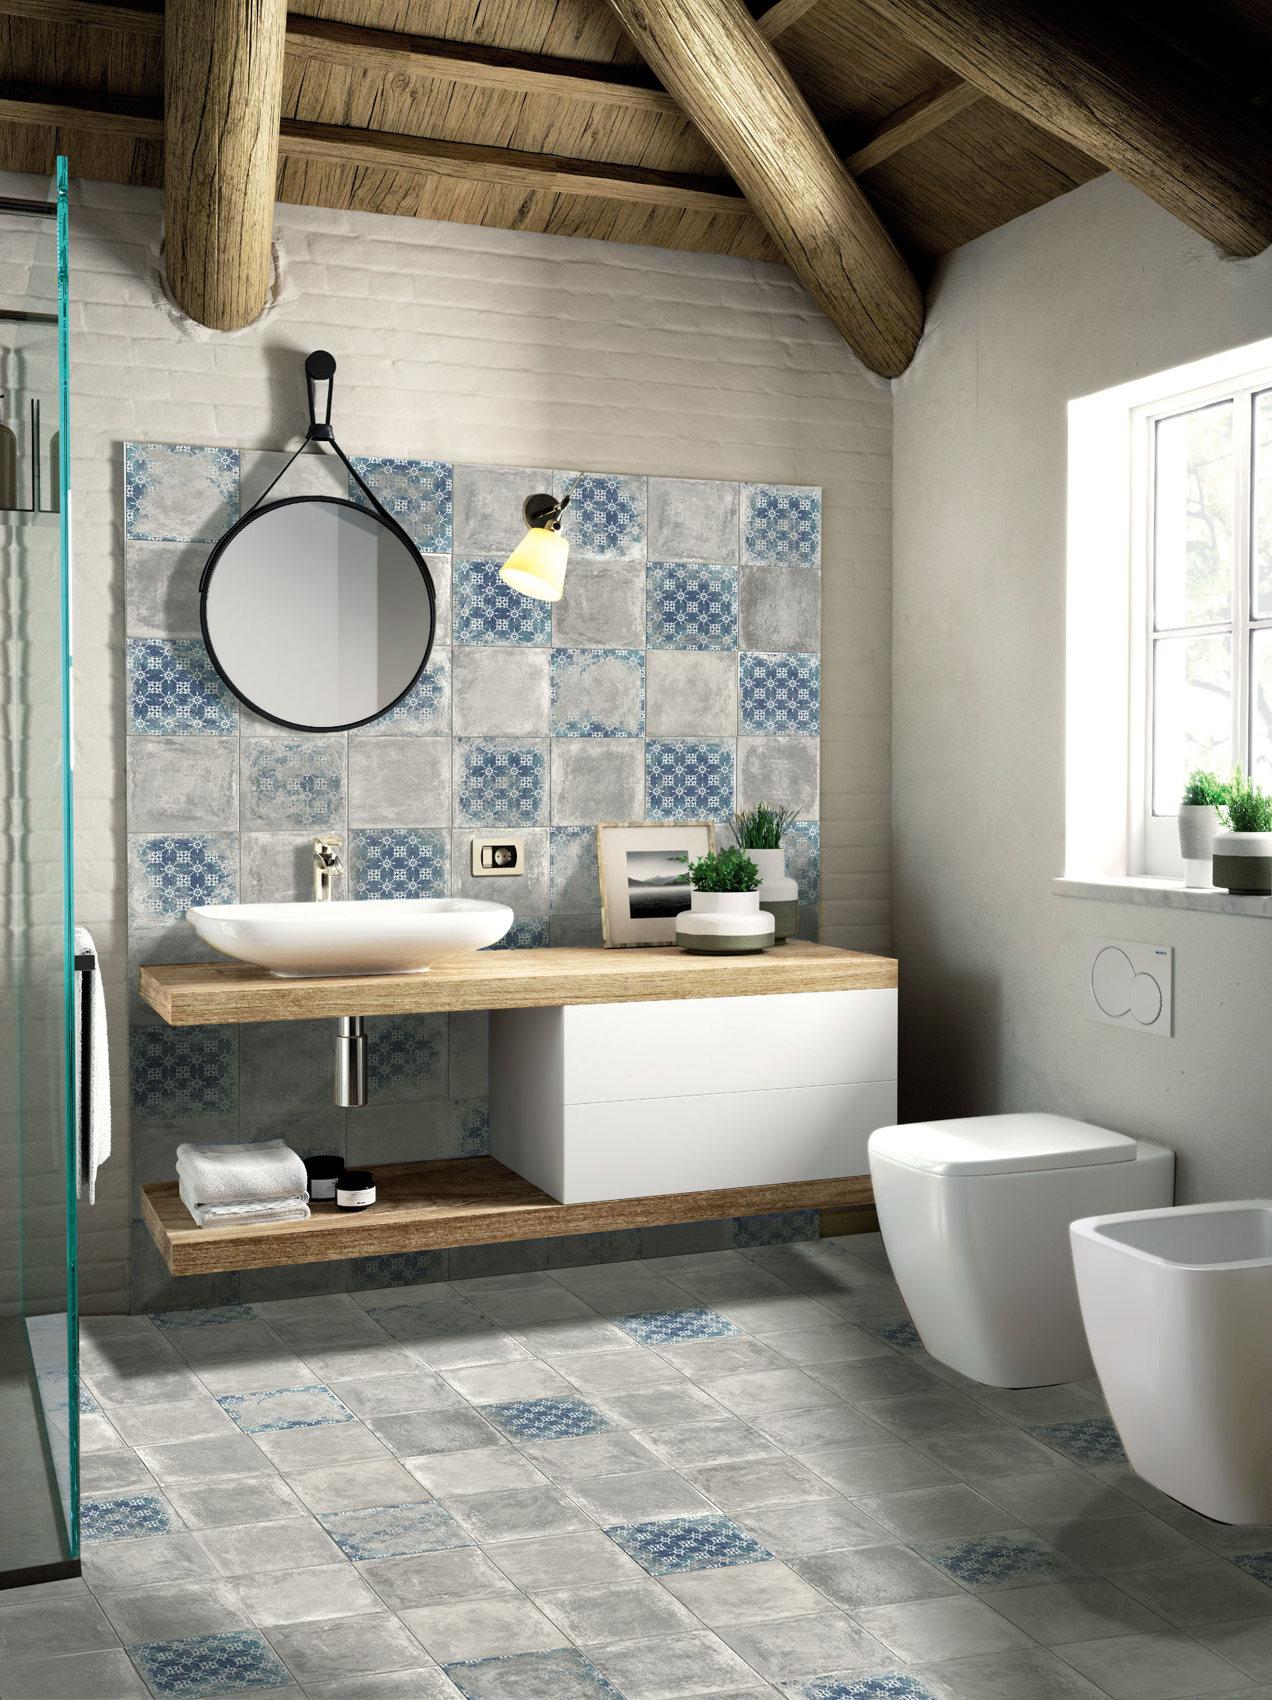 obklady do koupelny rustikální modrá retro